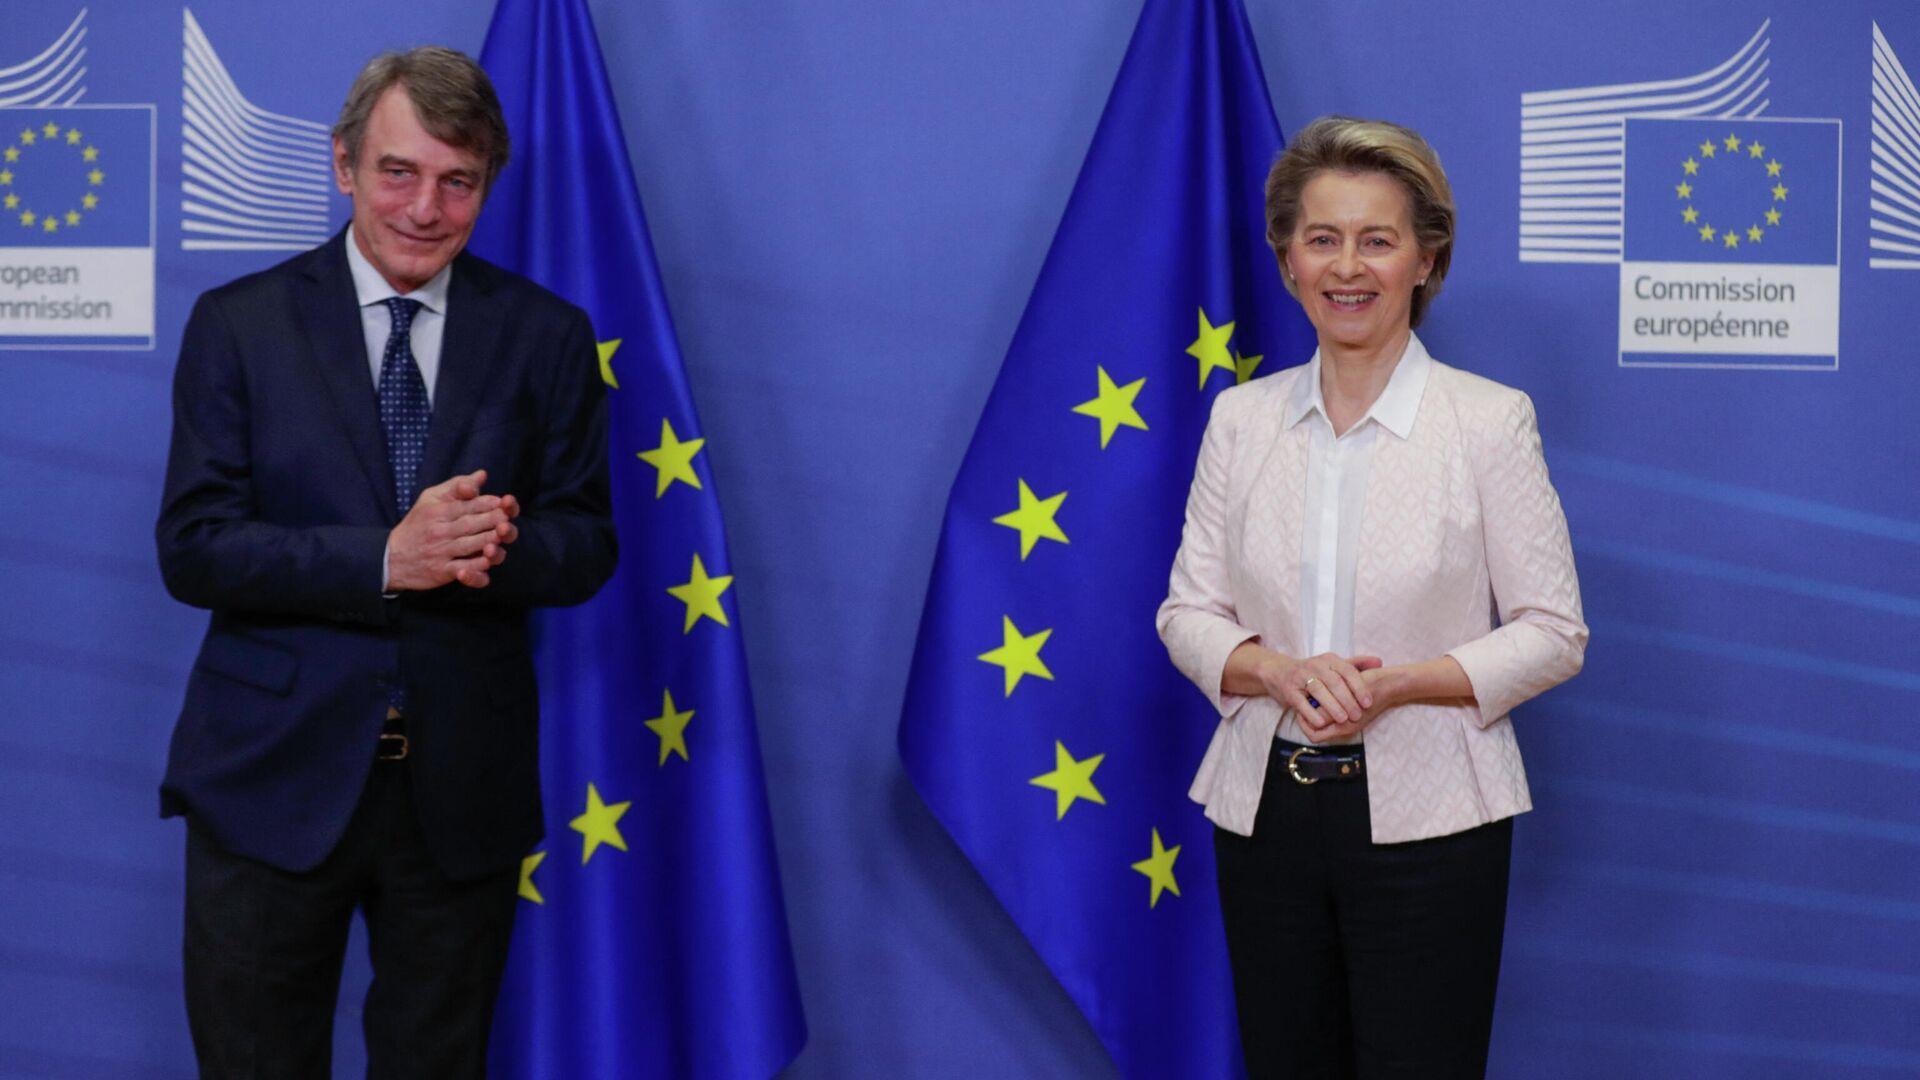 EU-Kommissionschefin Ursula von der Leyen und Präsident des Europaparlaments David Sassoli (Archivfoto) - SNA, 1920, 11.07.2021